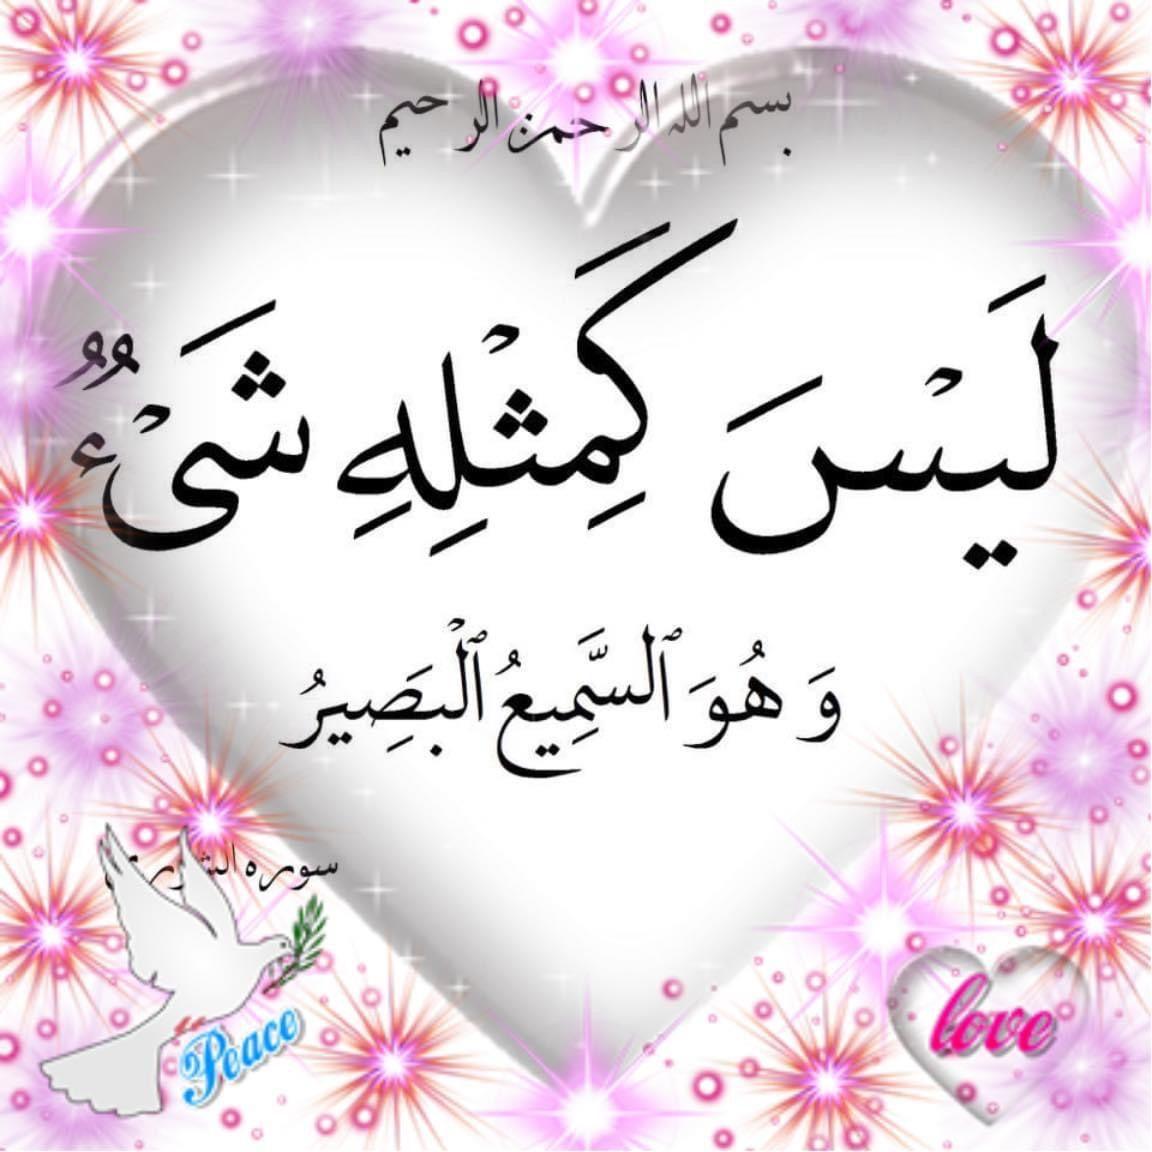 قال الله تعالى ل ي س ك م ث ل ه ش ي ء و ه و الس م يع ال ب ص ير التفسير Islam